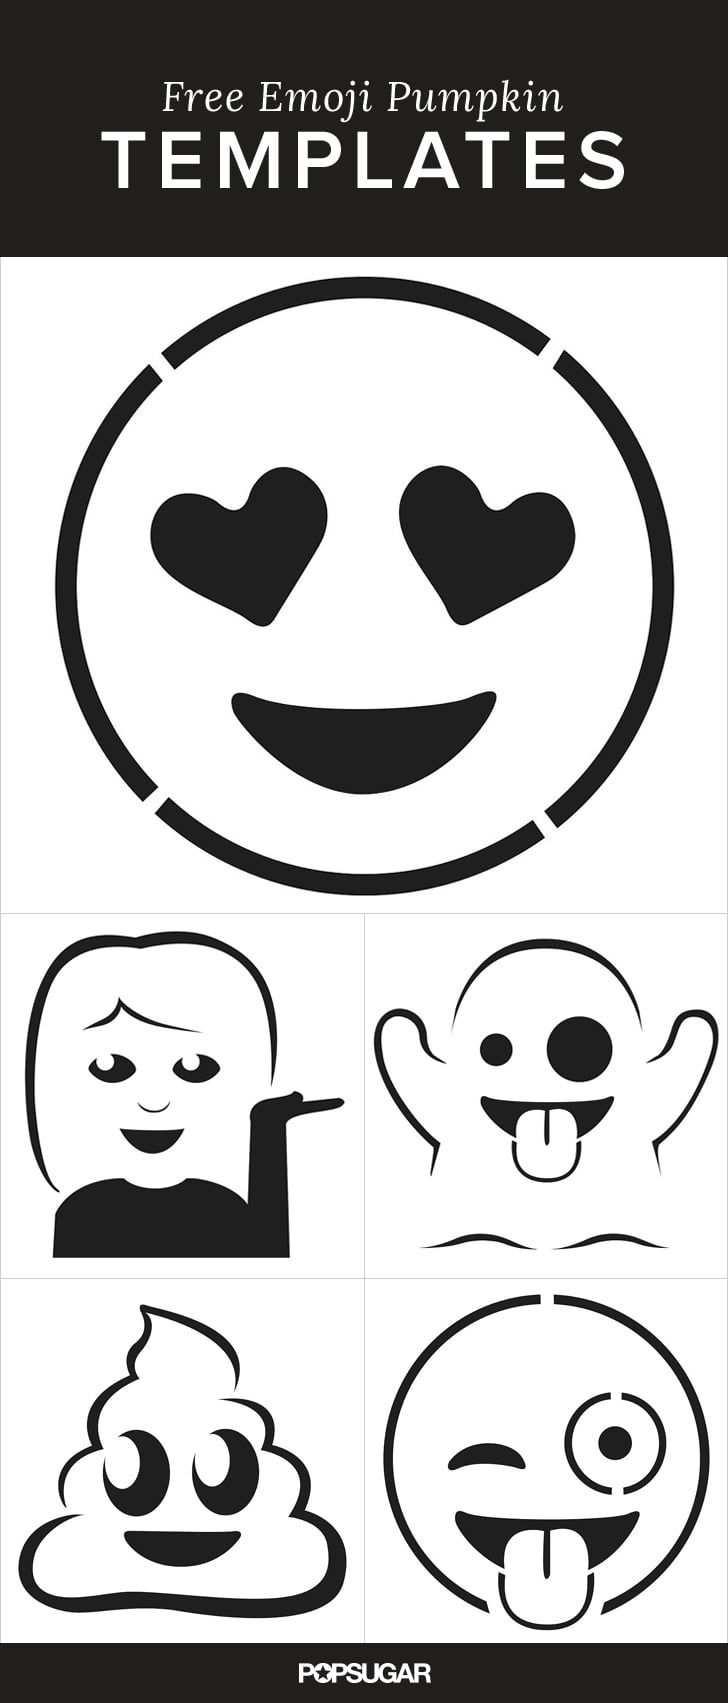 11 Emoji Pumpkin Templates That Ll Make Carving So Much Fun